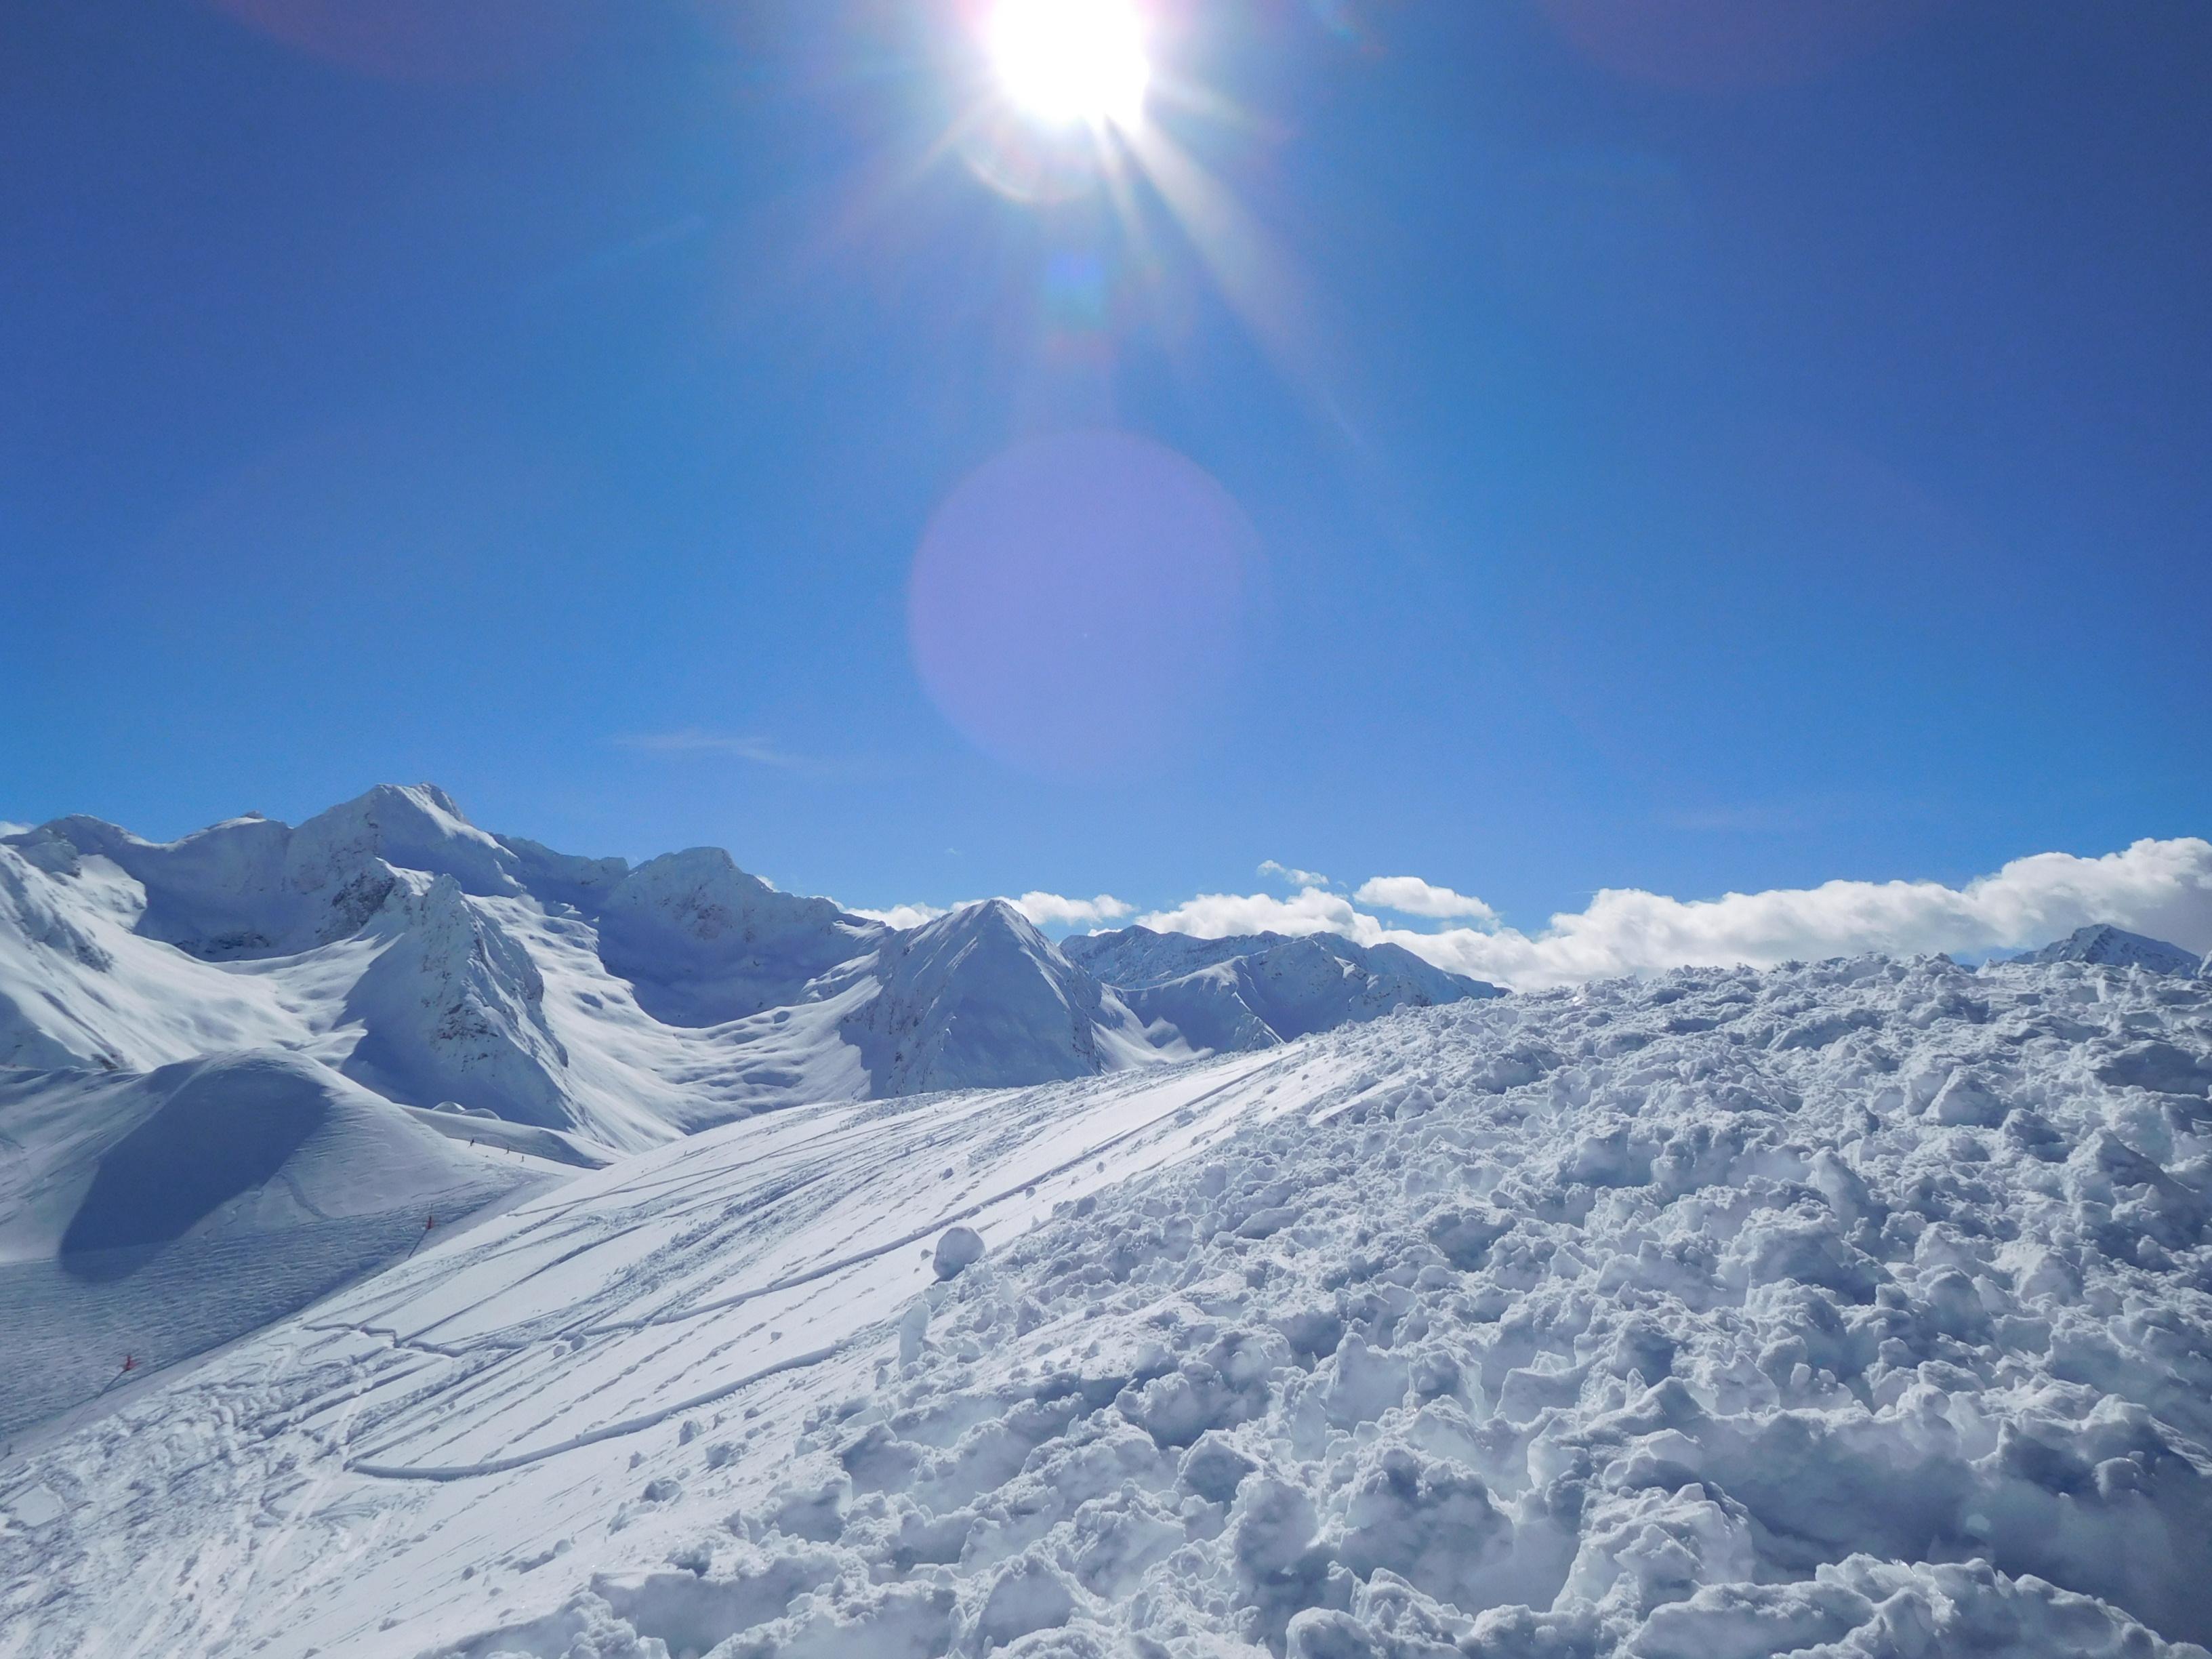 스키 타기 좋은날~